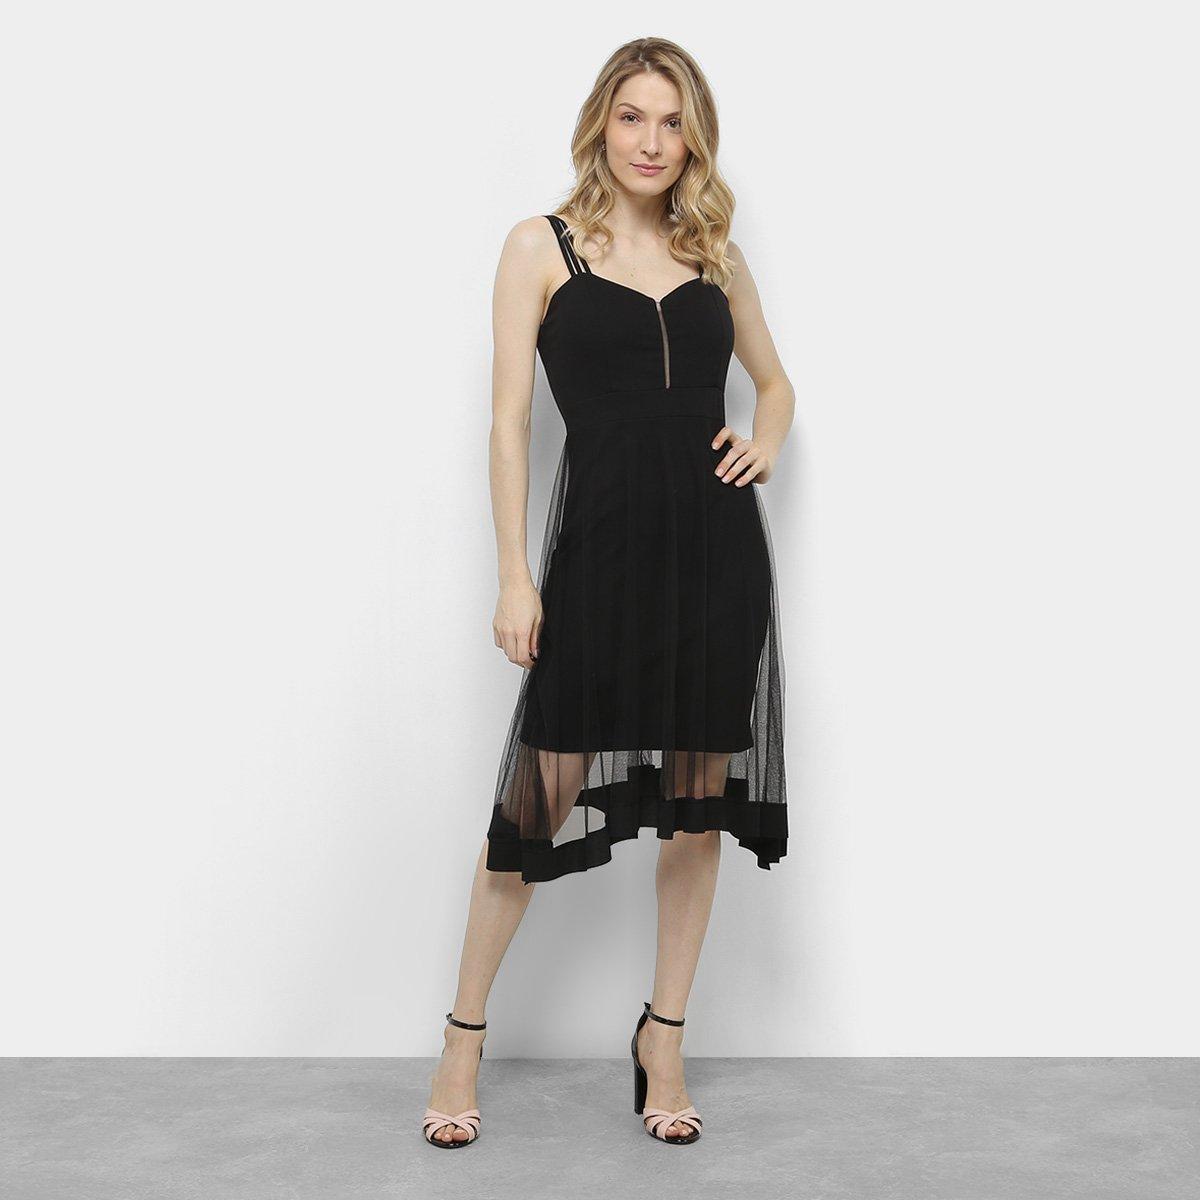 Vestido Festa Lily Fashion Tule Curto Preto